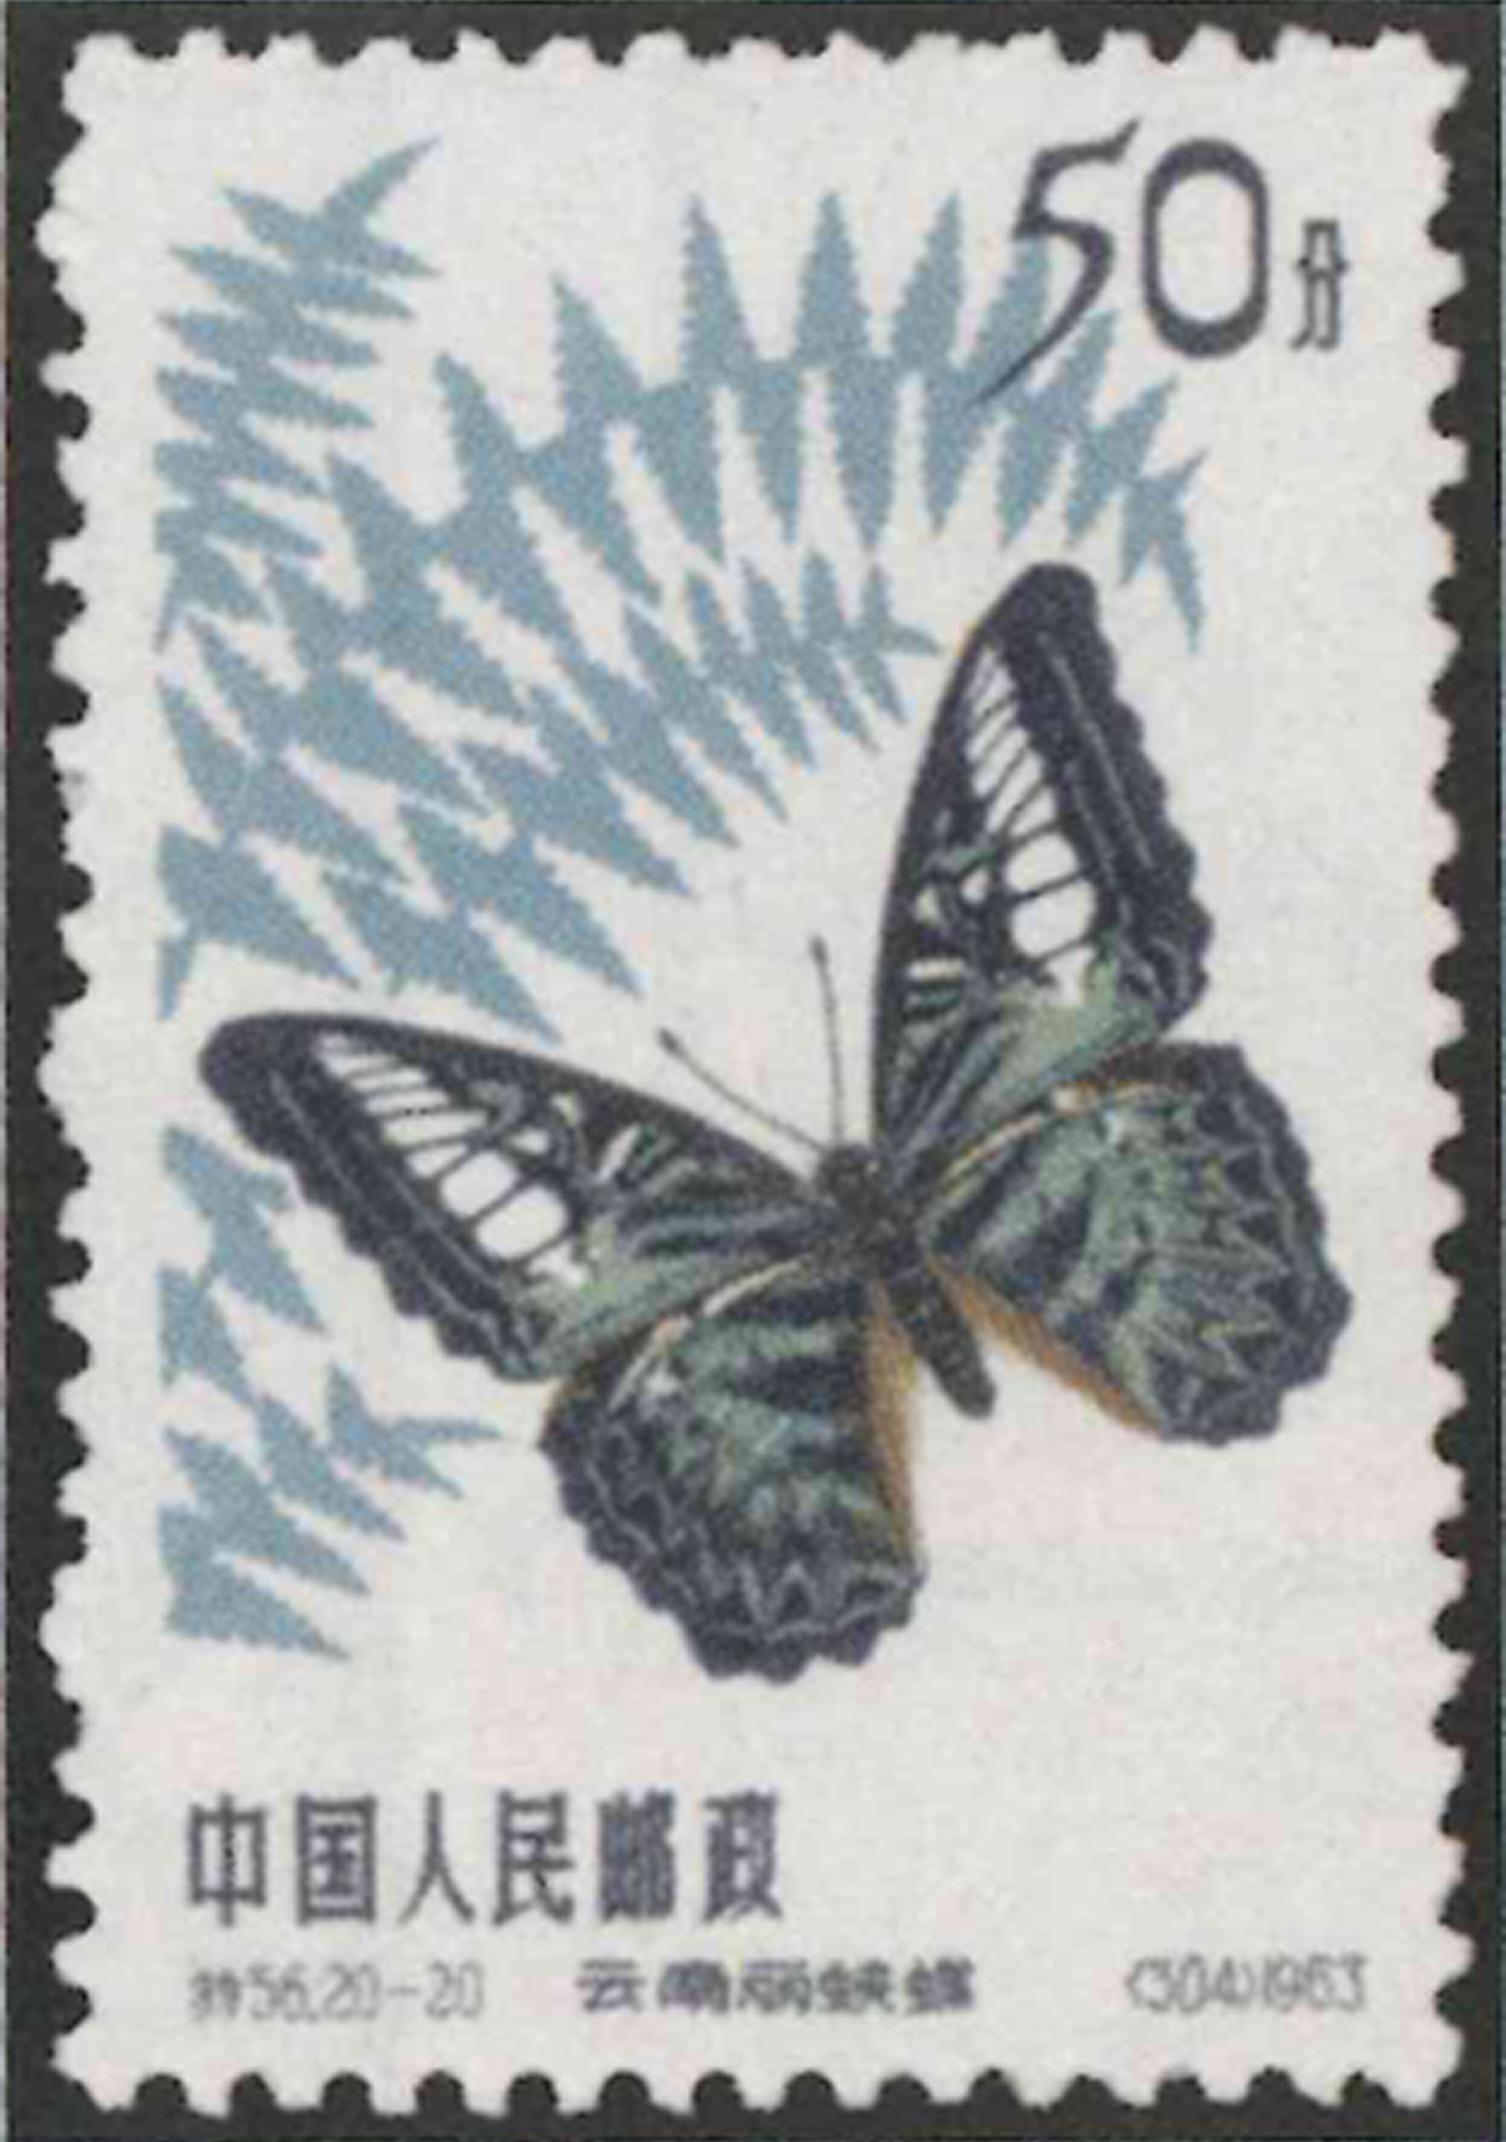 timbre-butterflies